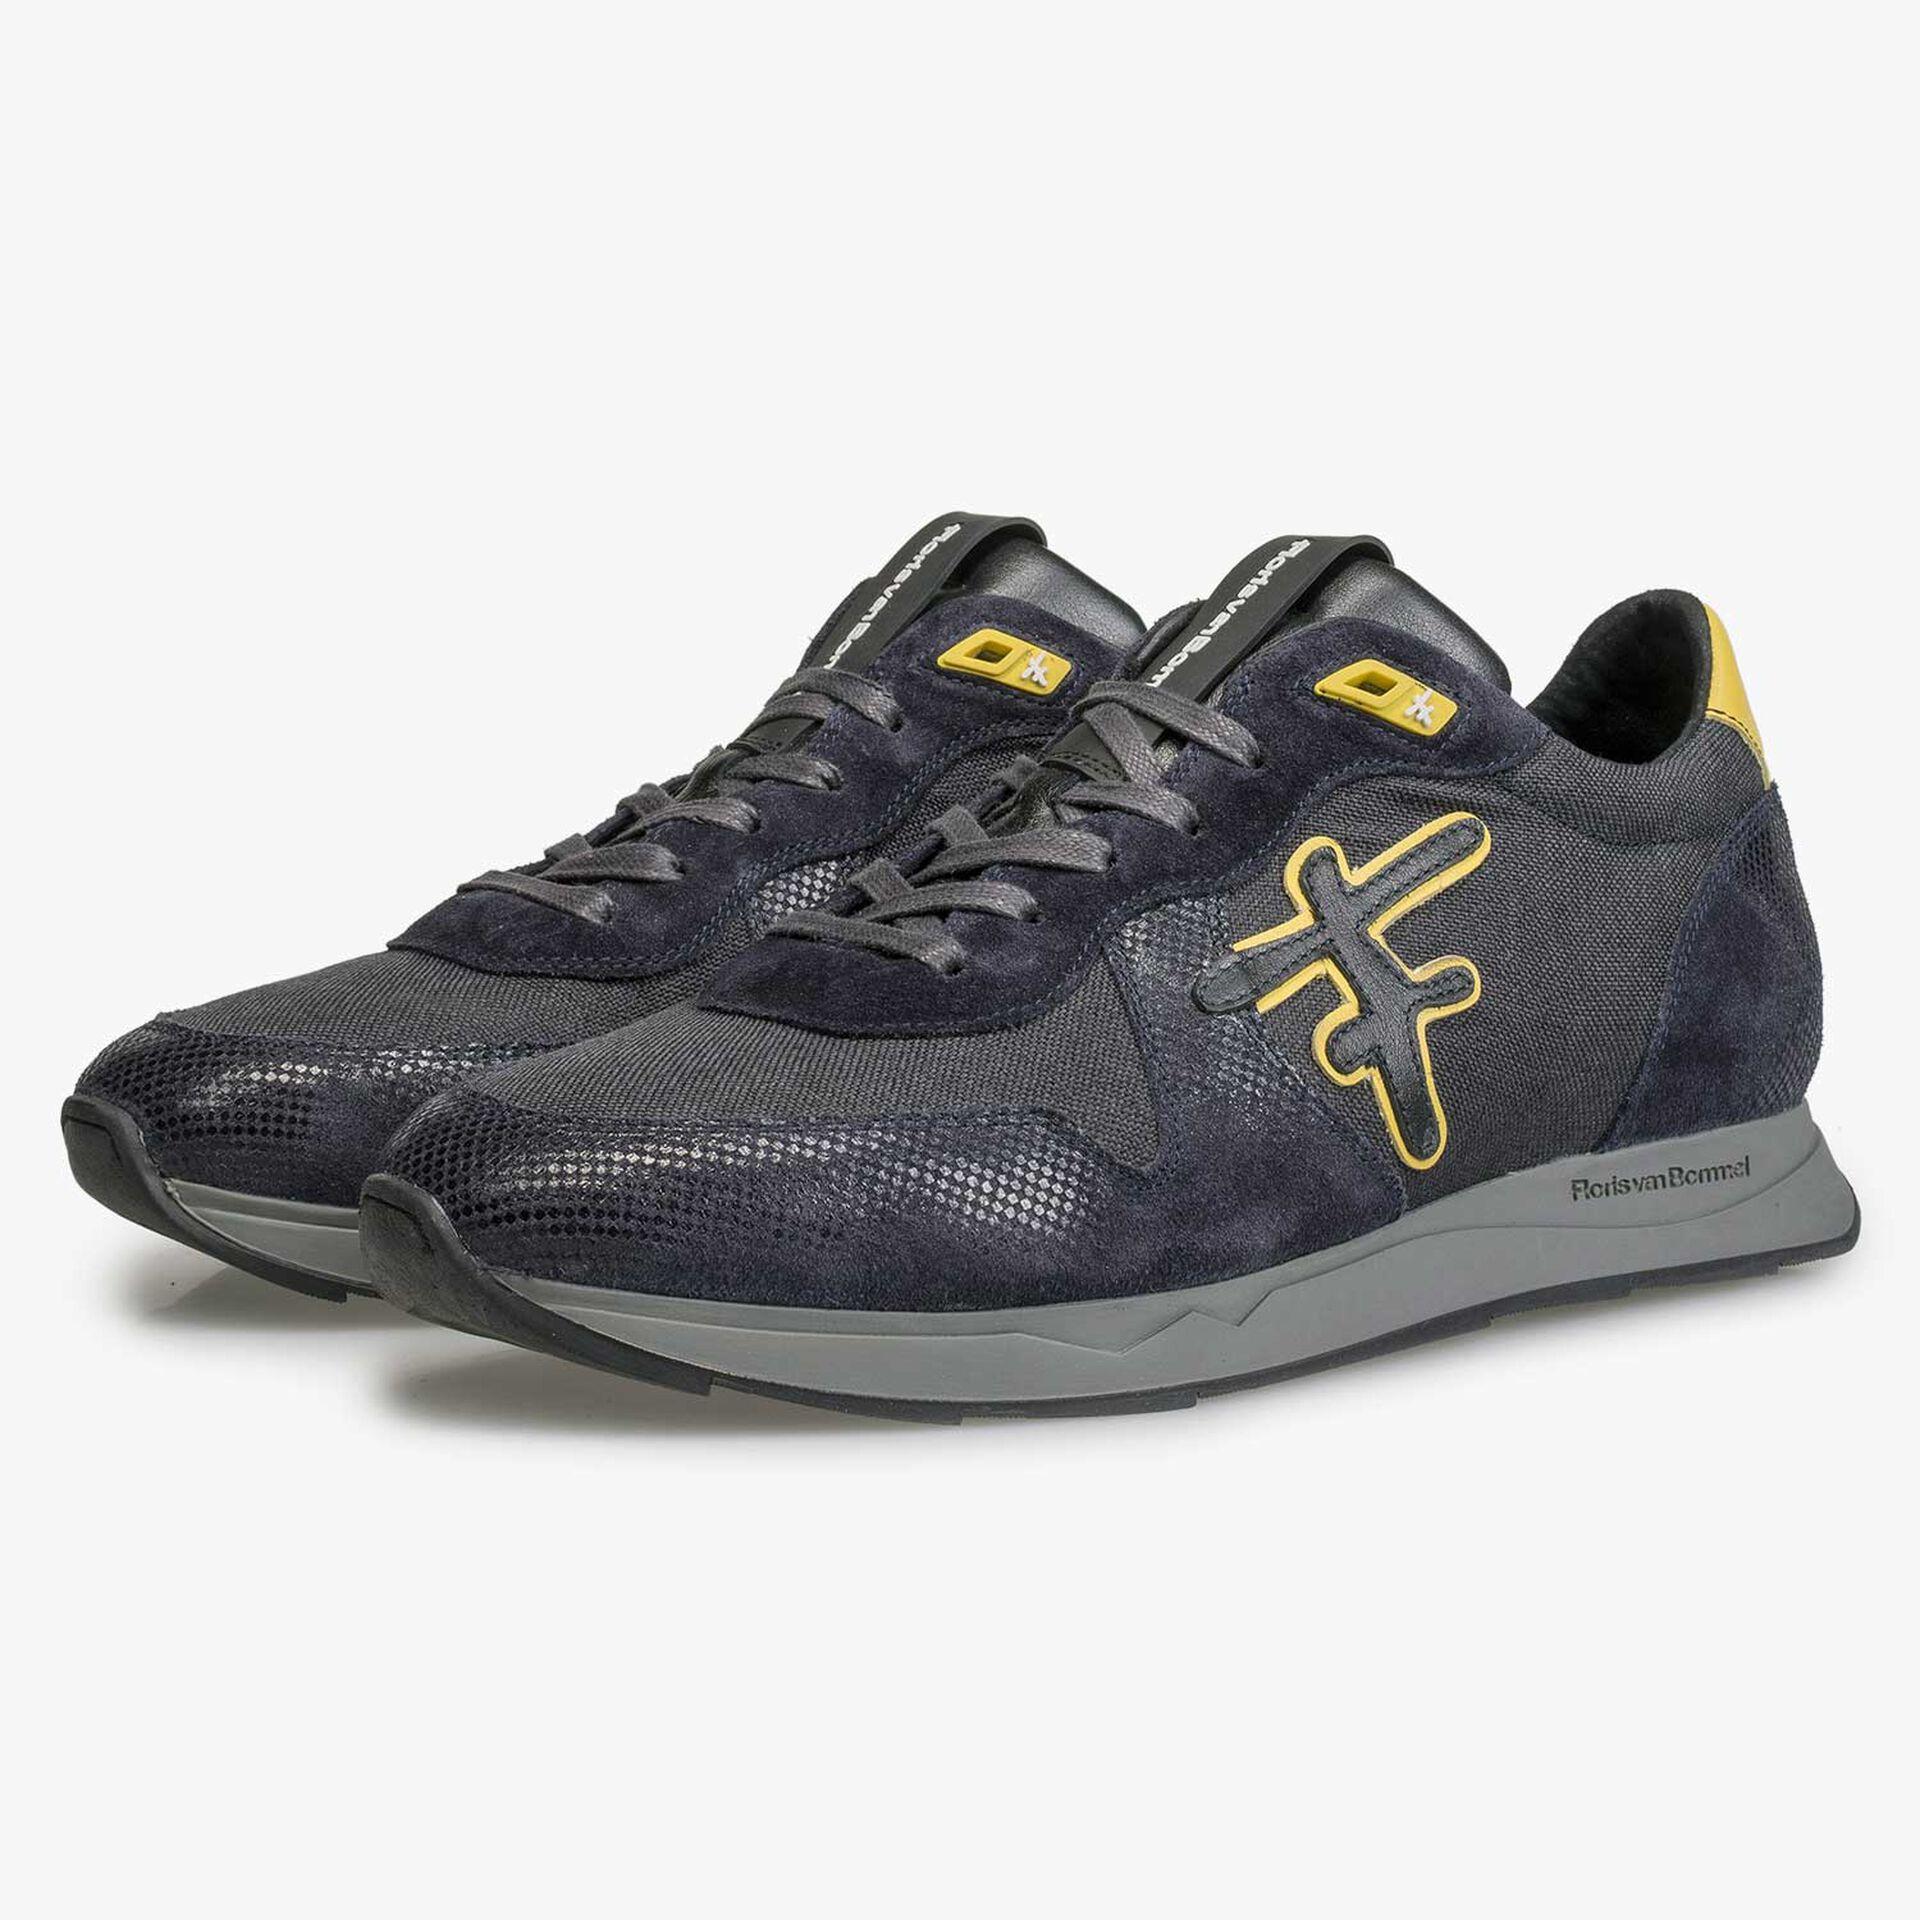 Blauw/ grijze sneaker met gele details